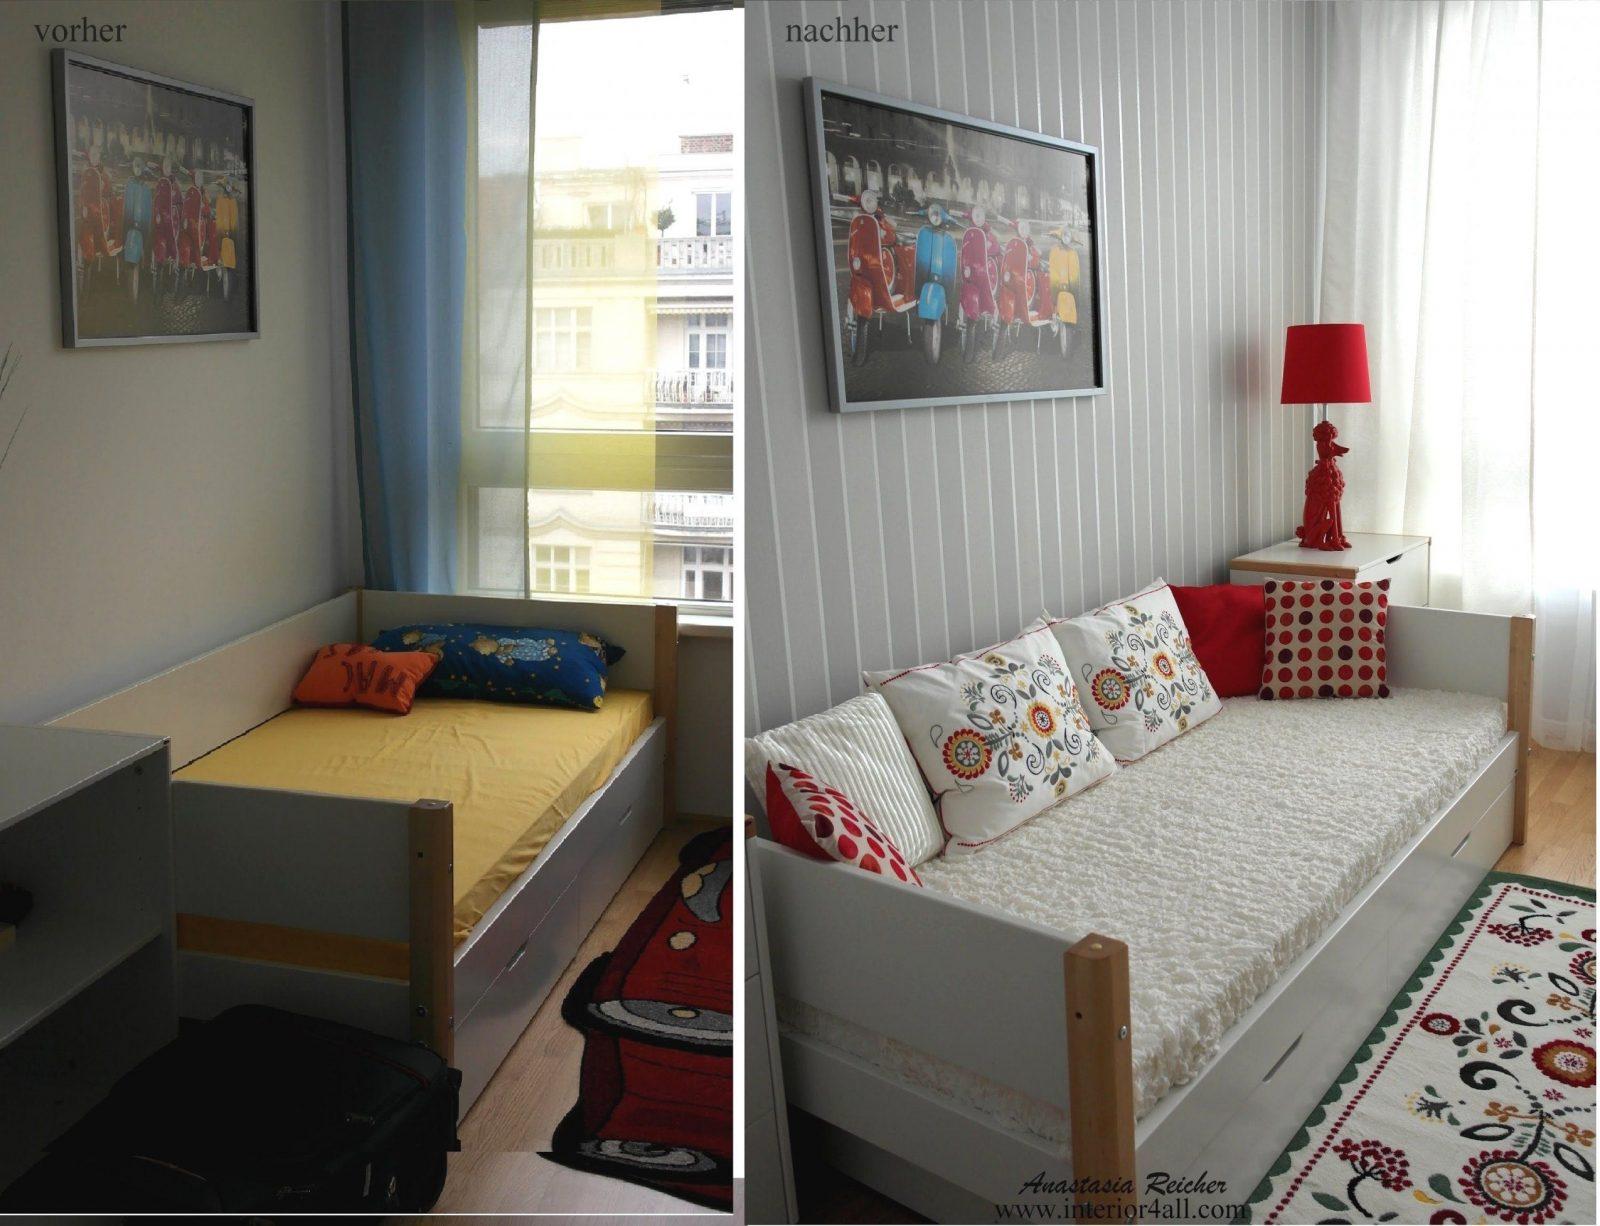 Luxury Merry Zimmer Einrichten Programm 3D Zonanorte Co Erstaunlich von Zimmer Gestalten Programm Kostenlos Bild